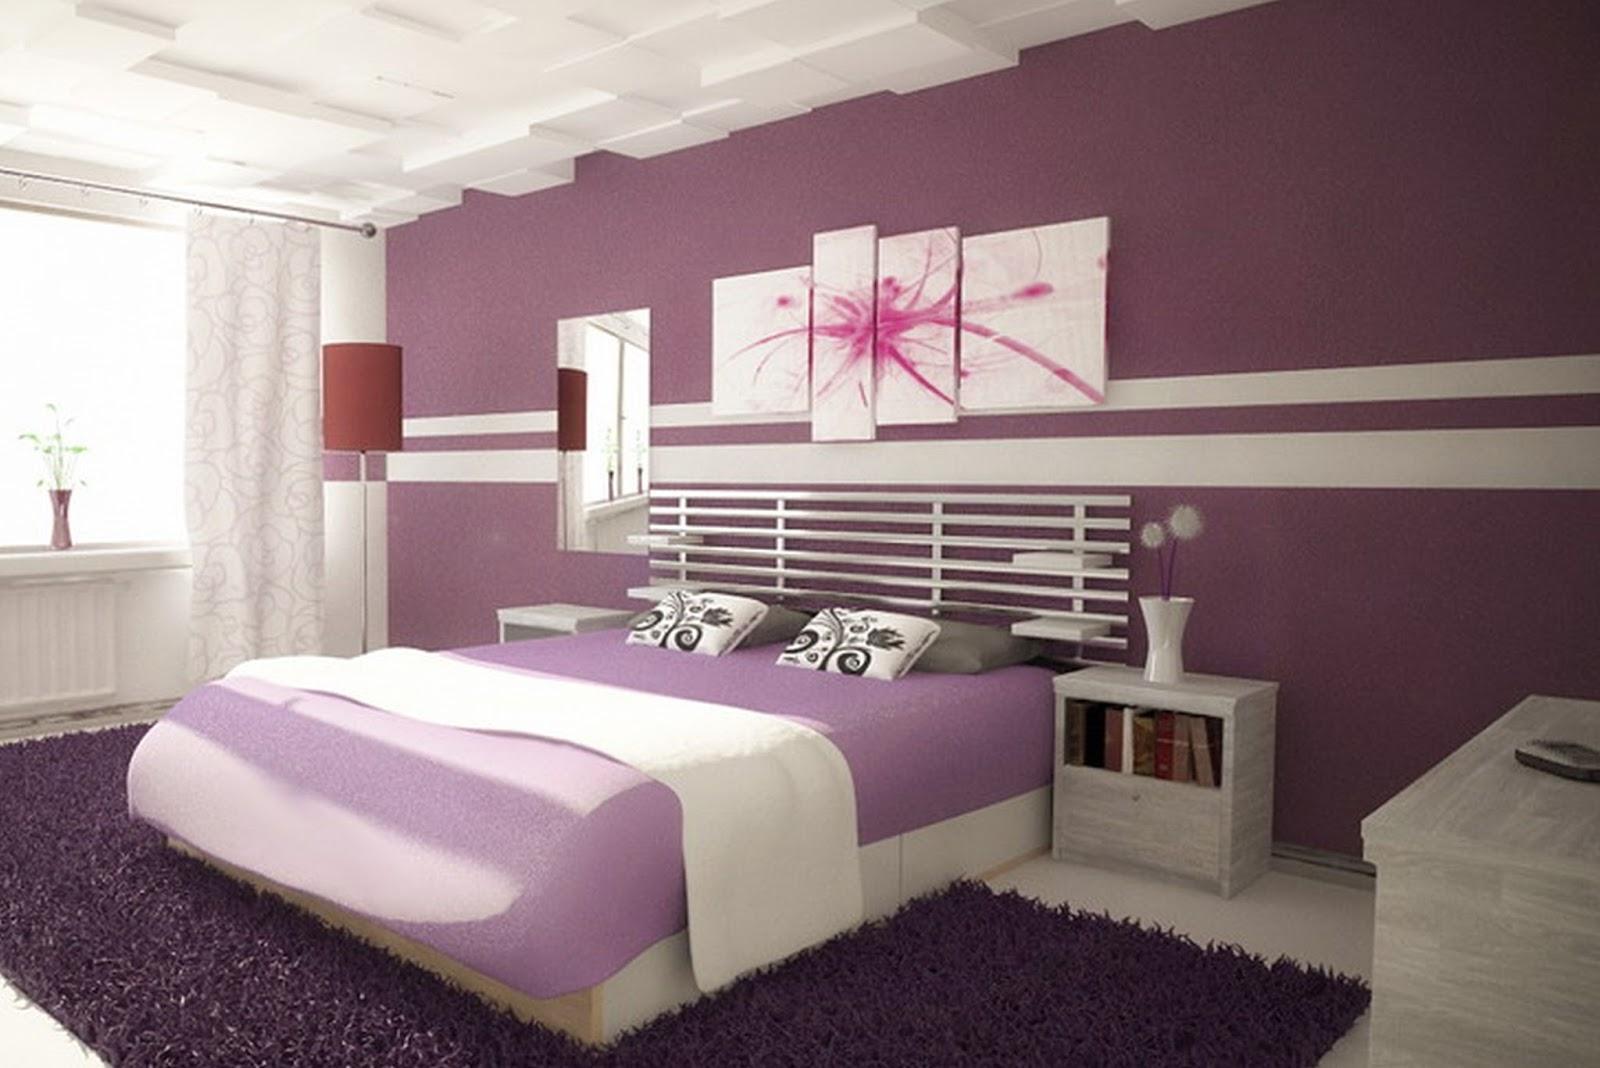 d coration maison d couvrez mes astuces d co pour une ambiance chaleureuse. Black Bedroom Furniture Sets. Home Design Ideas